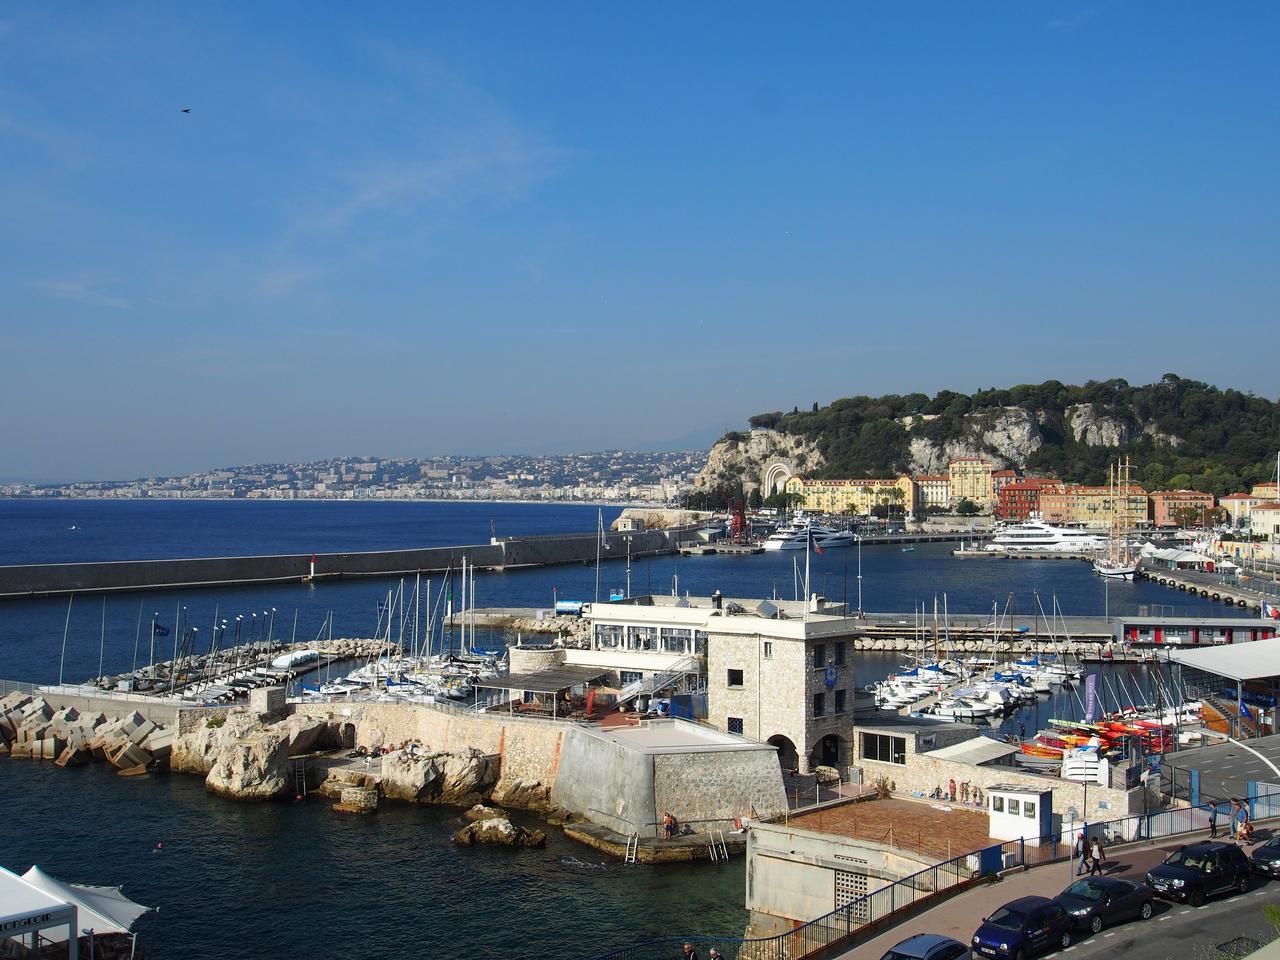 Immobilier nice vue mer appartement nice franck pilatte - Appartement a vendre port vendres vue mer ...